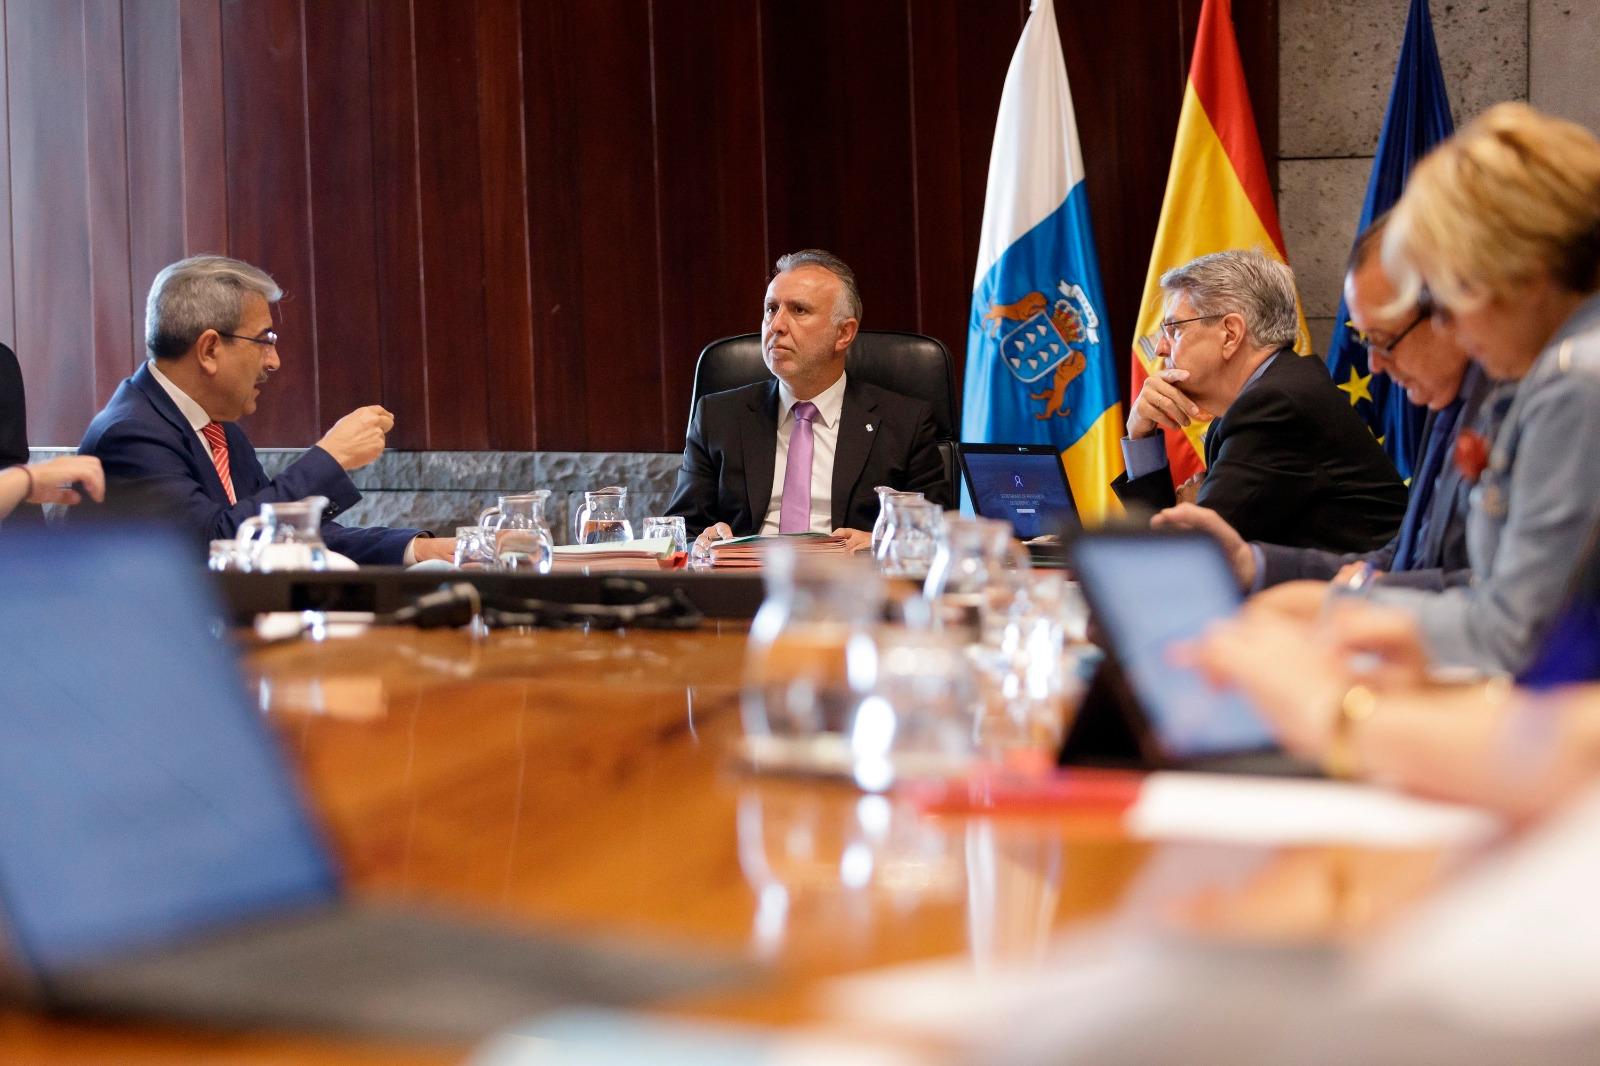 El Gobierno de Canarias concede subvenciones por importe de 1,76 millones de euros a las escuelas infantiles